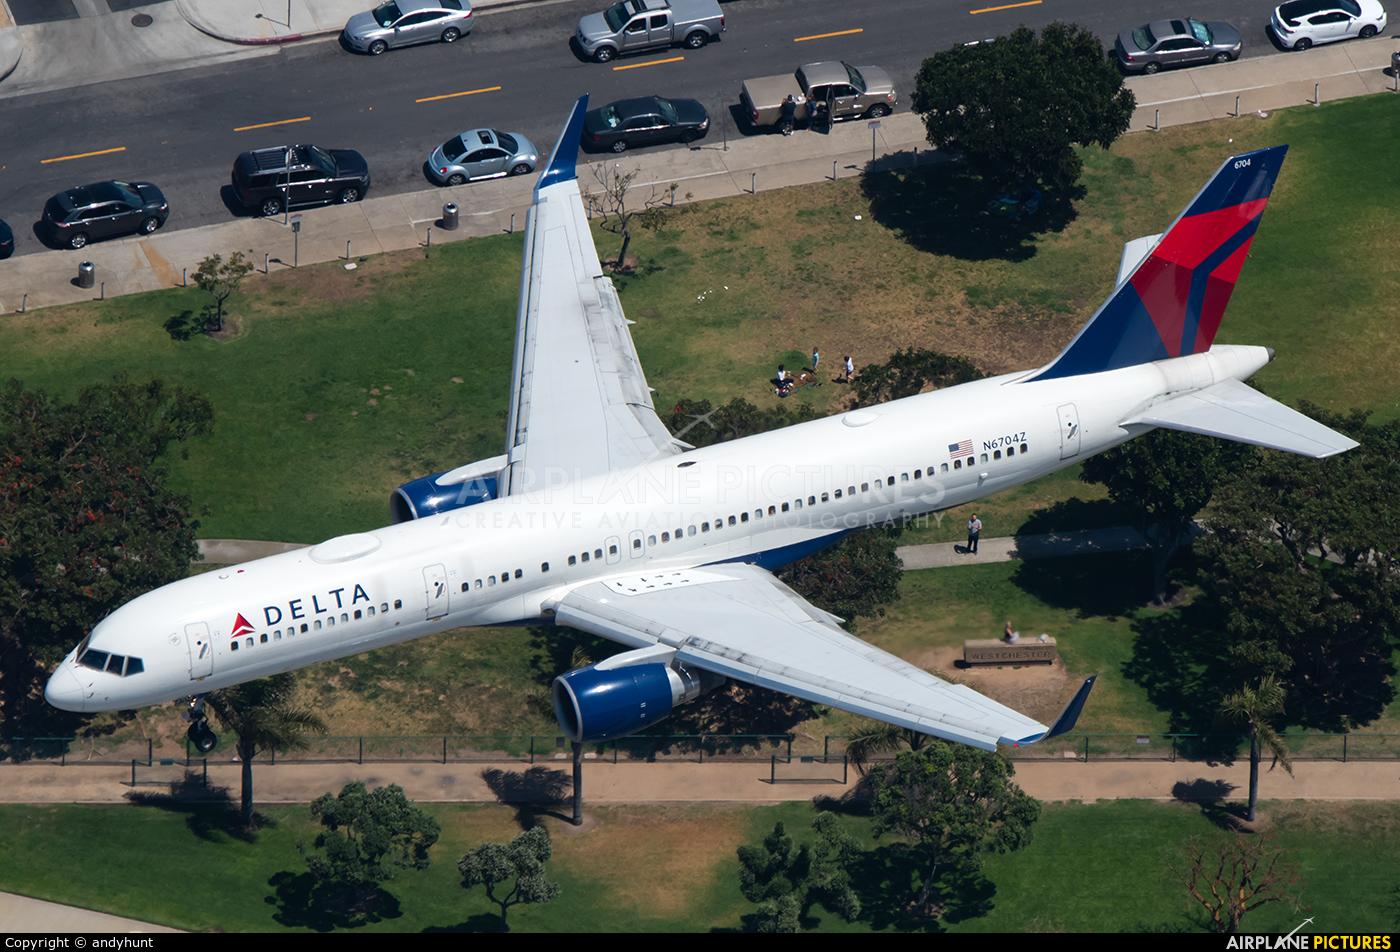 Delta Air Lines N6704Z aircraft at Los Angeles Intl